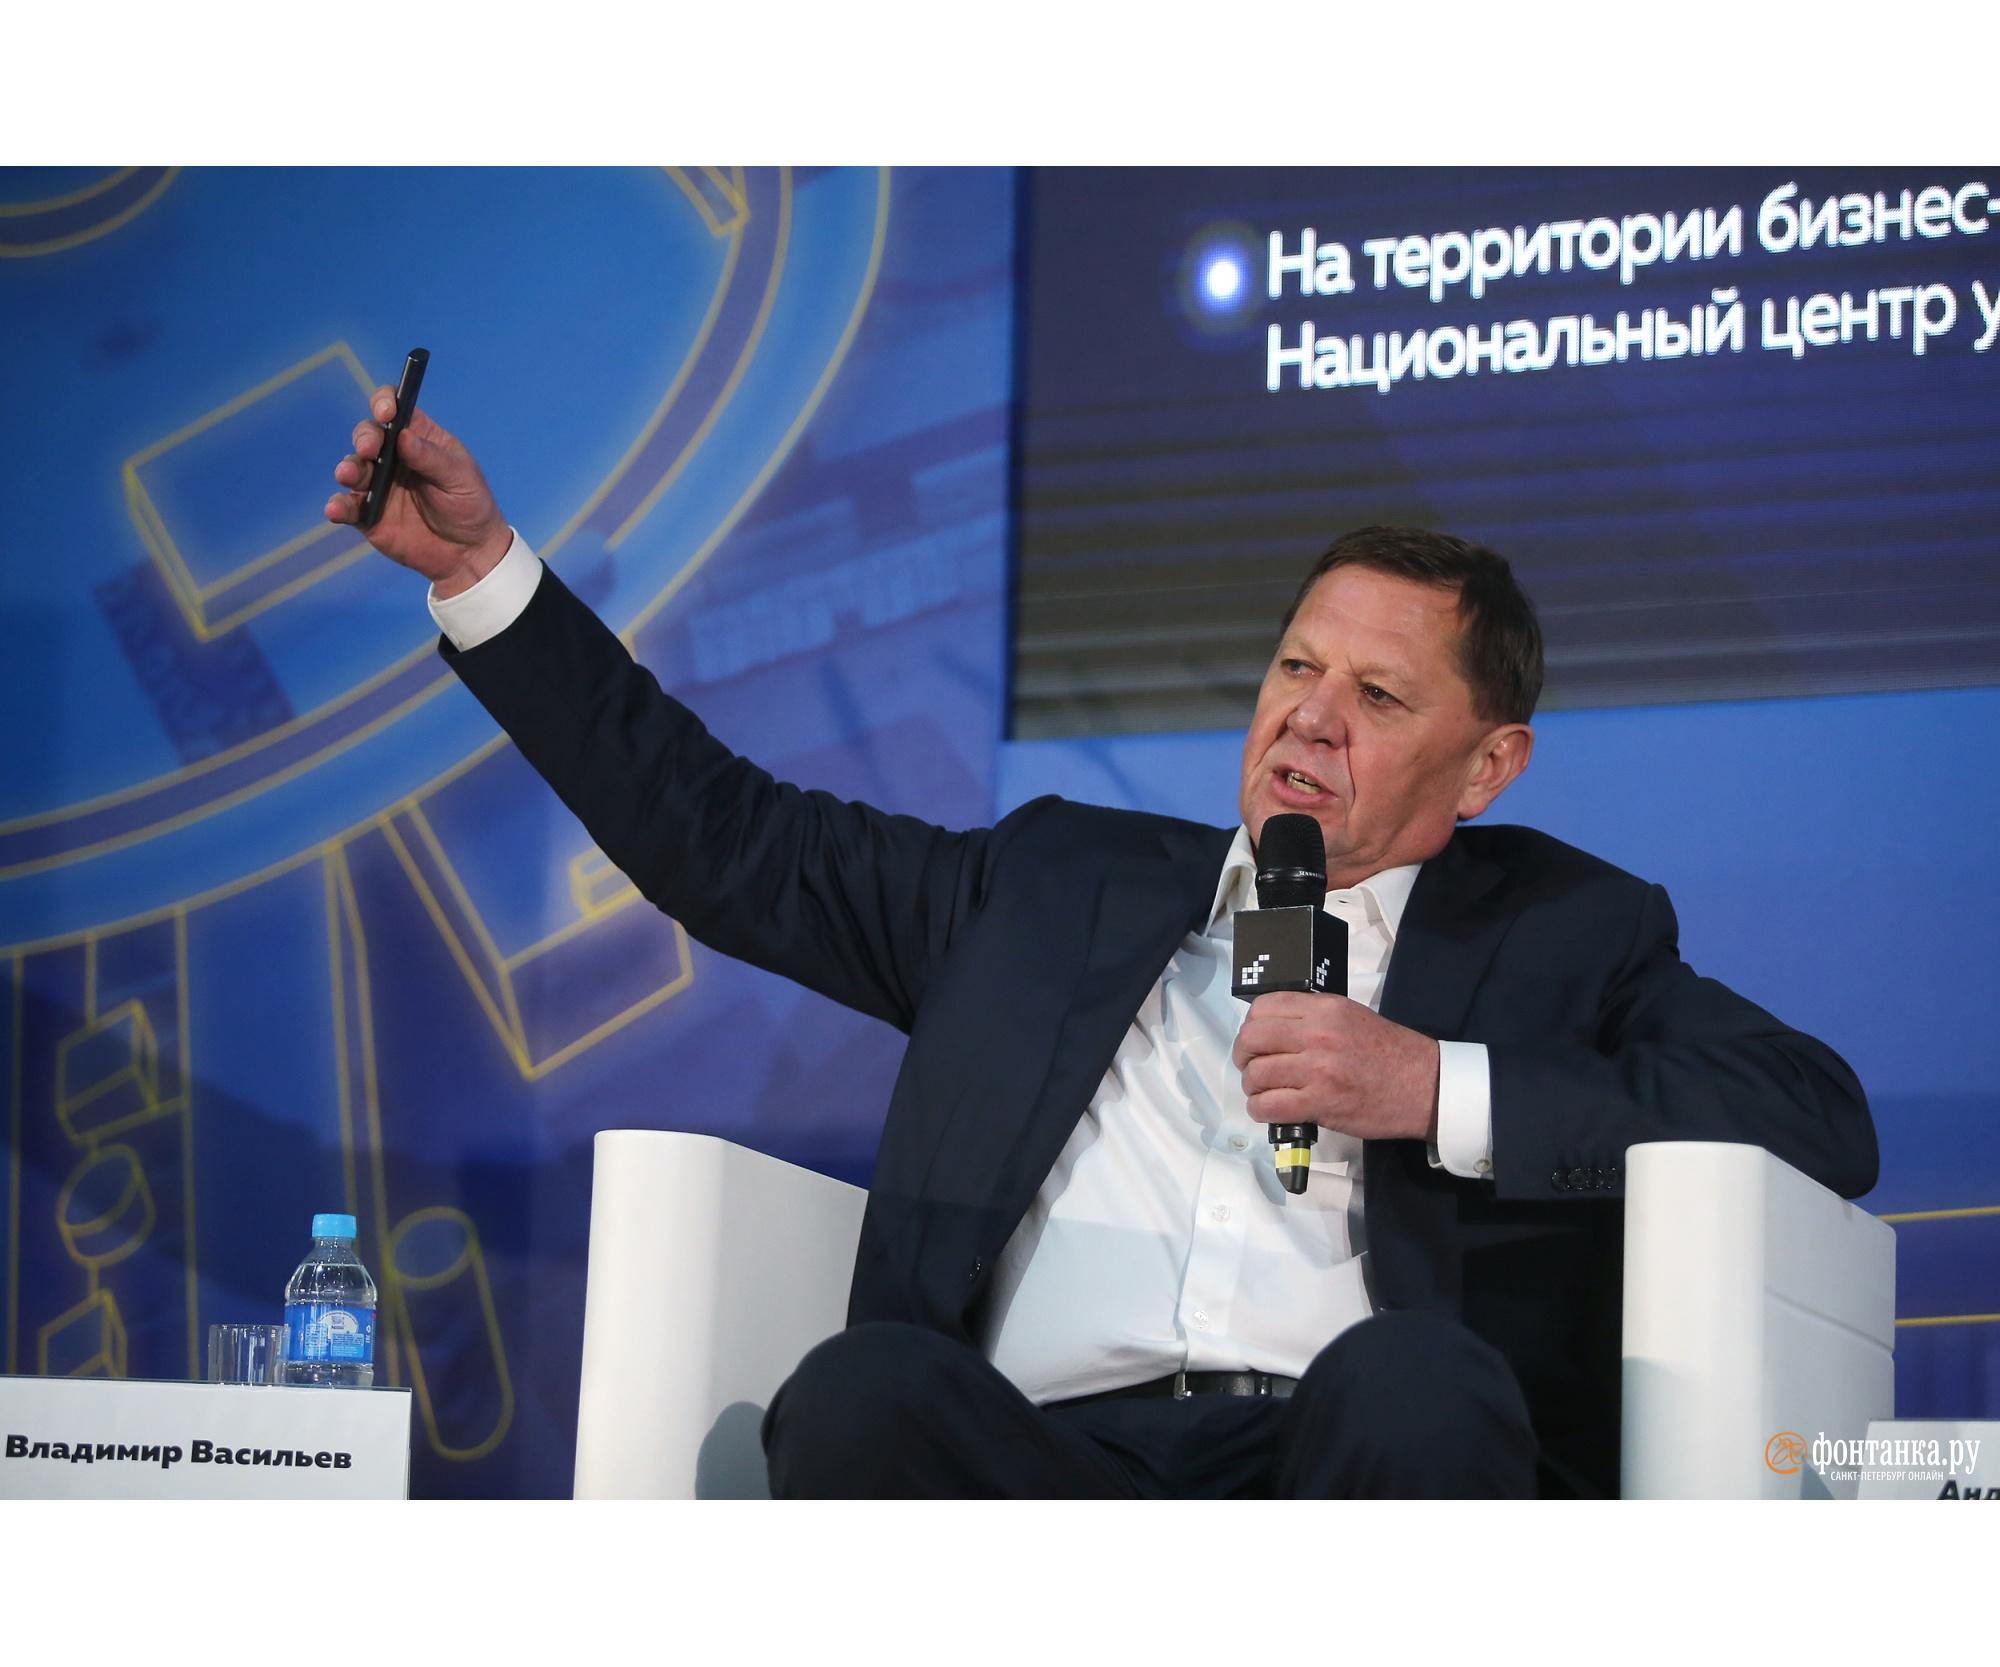 Ректор ИТМО Владимир Васильев